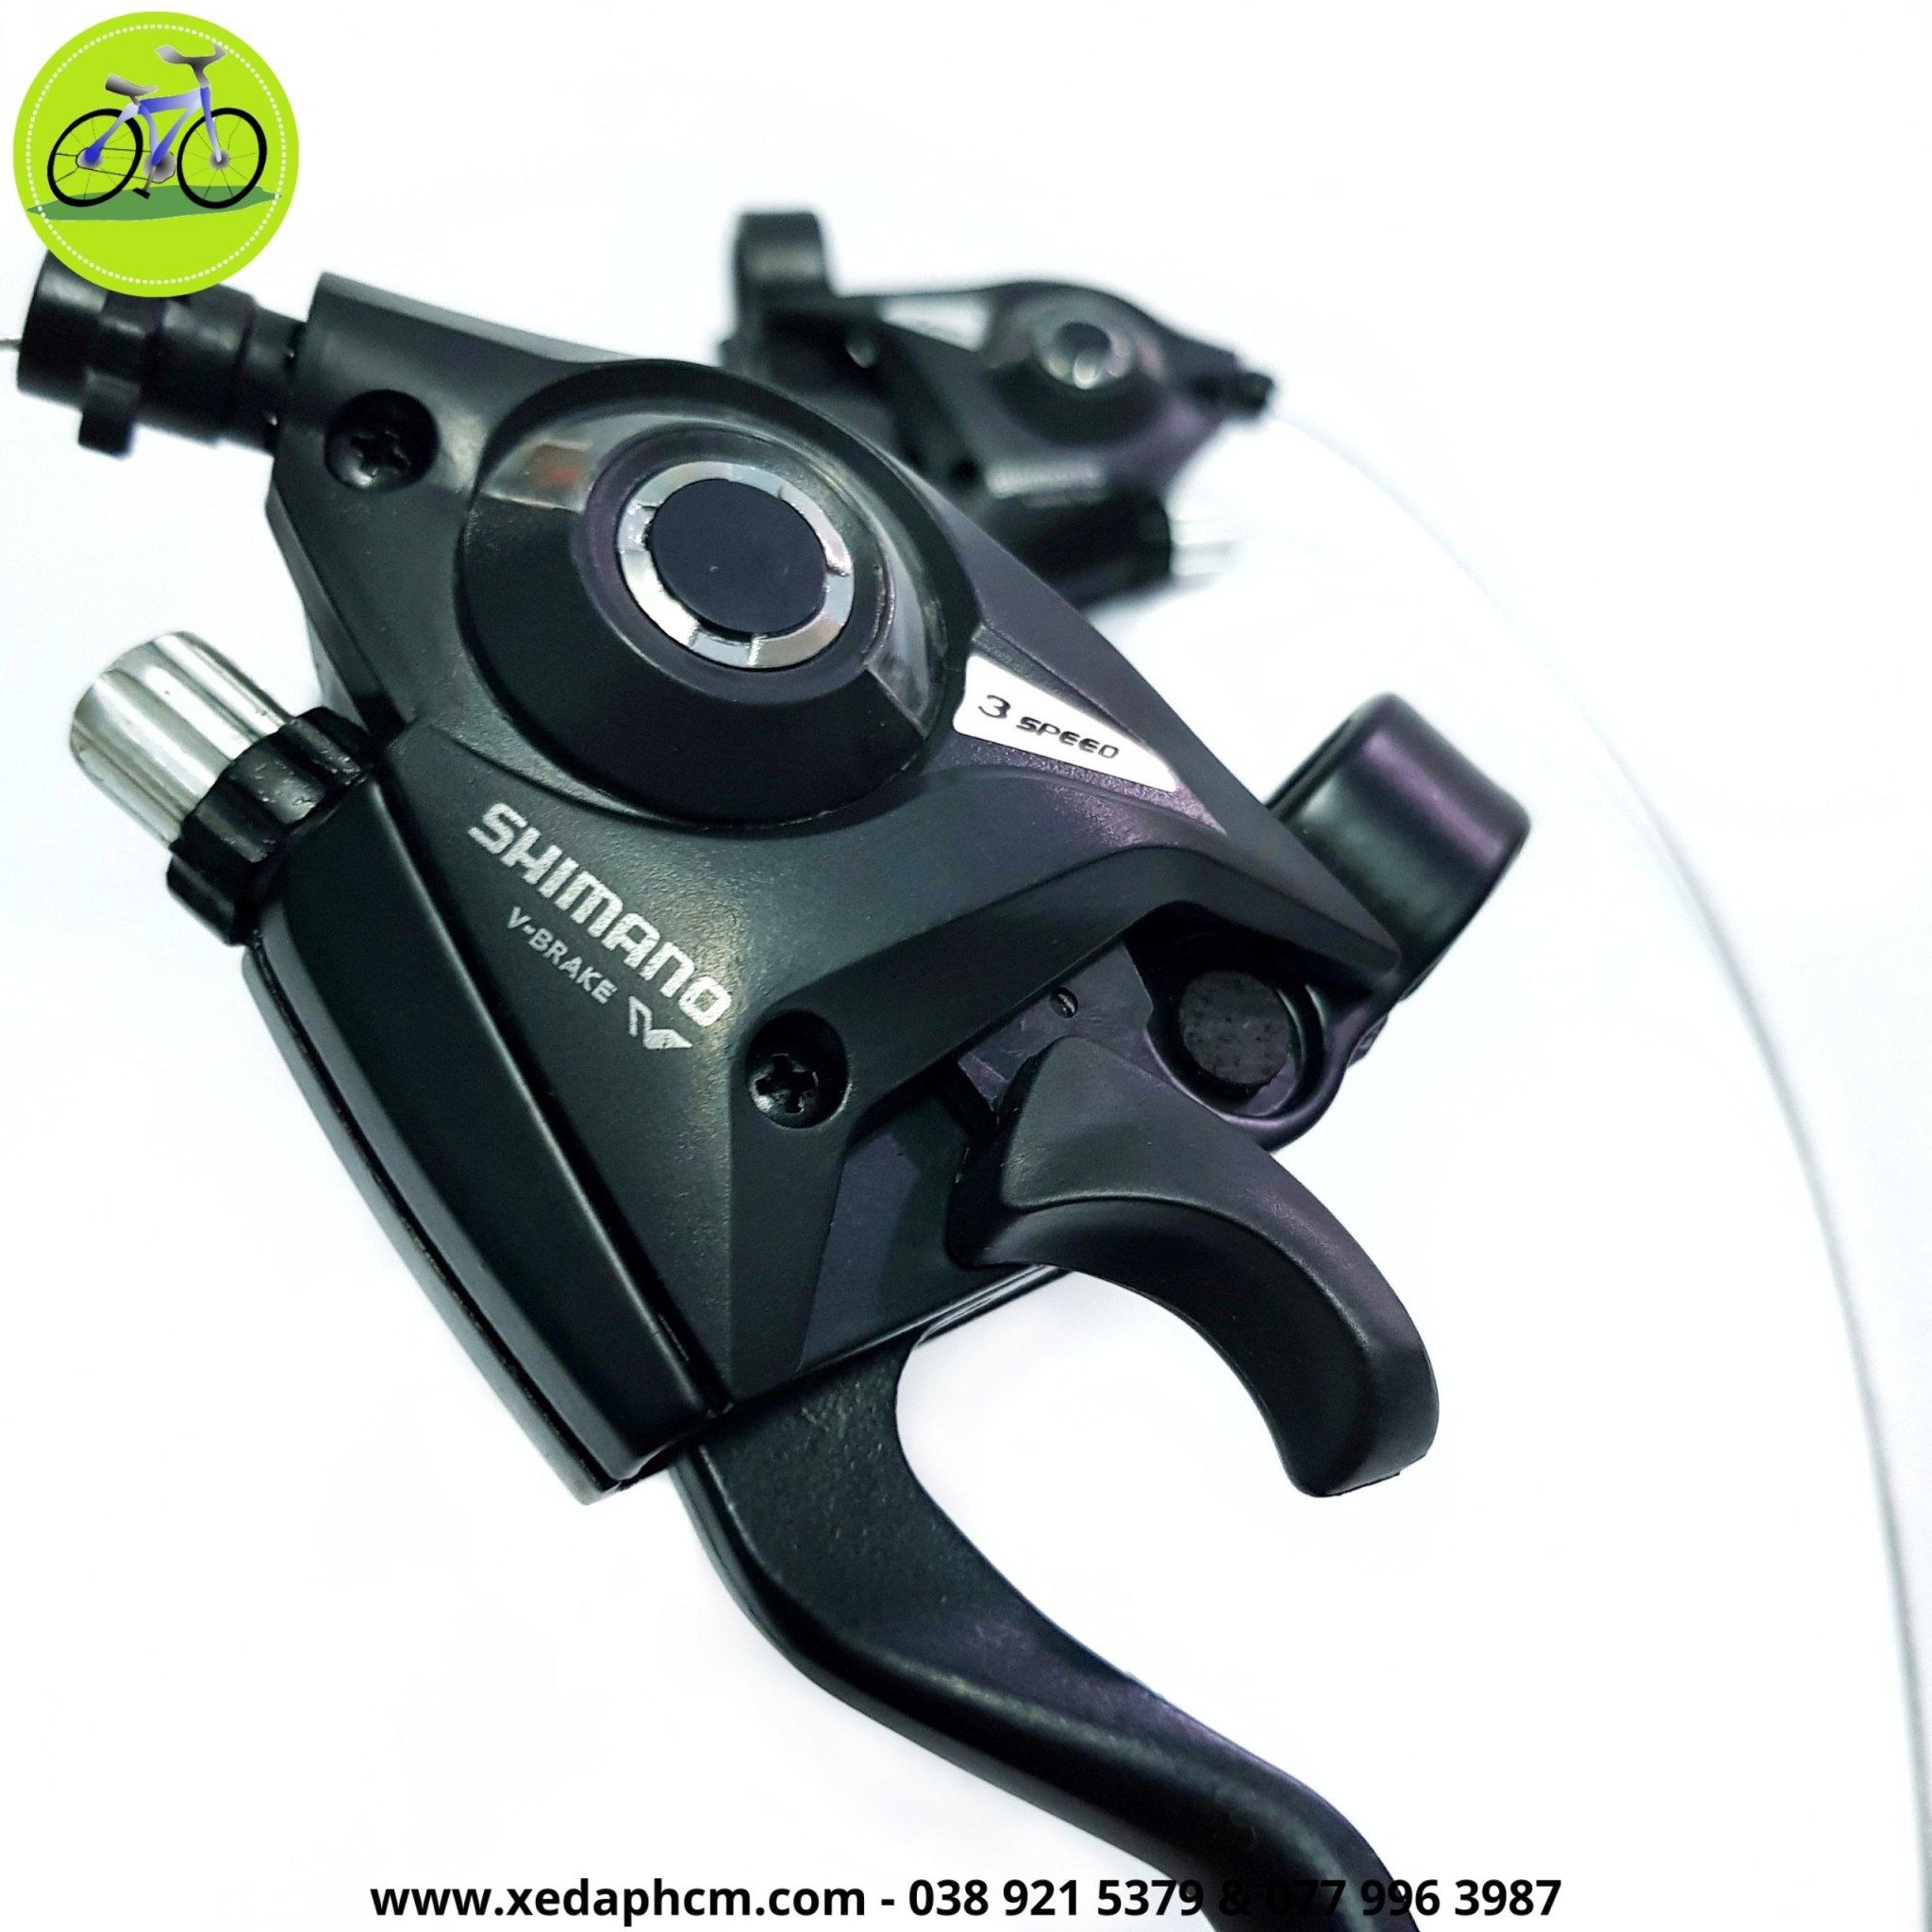 Cặp tay đề xe đạp Shimano ST-EF51 3x7 Speed